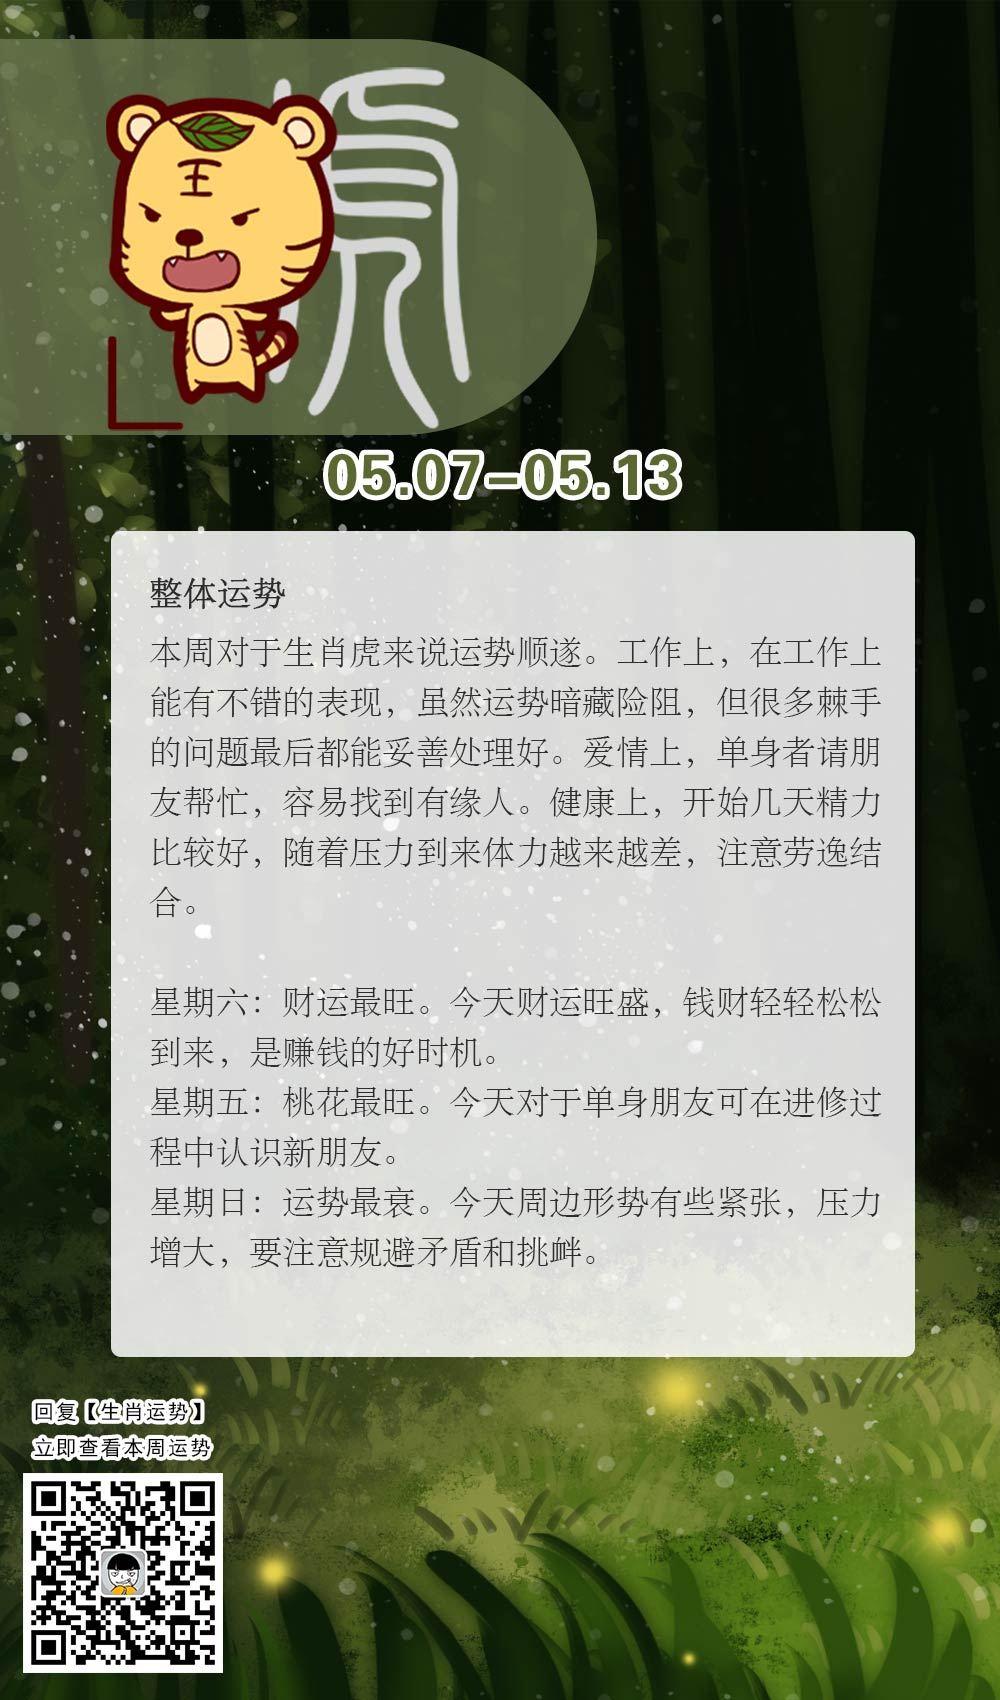 生肖虎本周运势【2018.05.07-05.13】